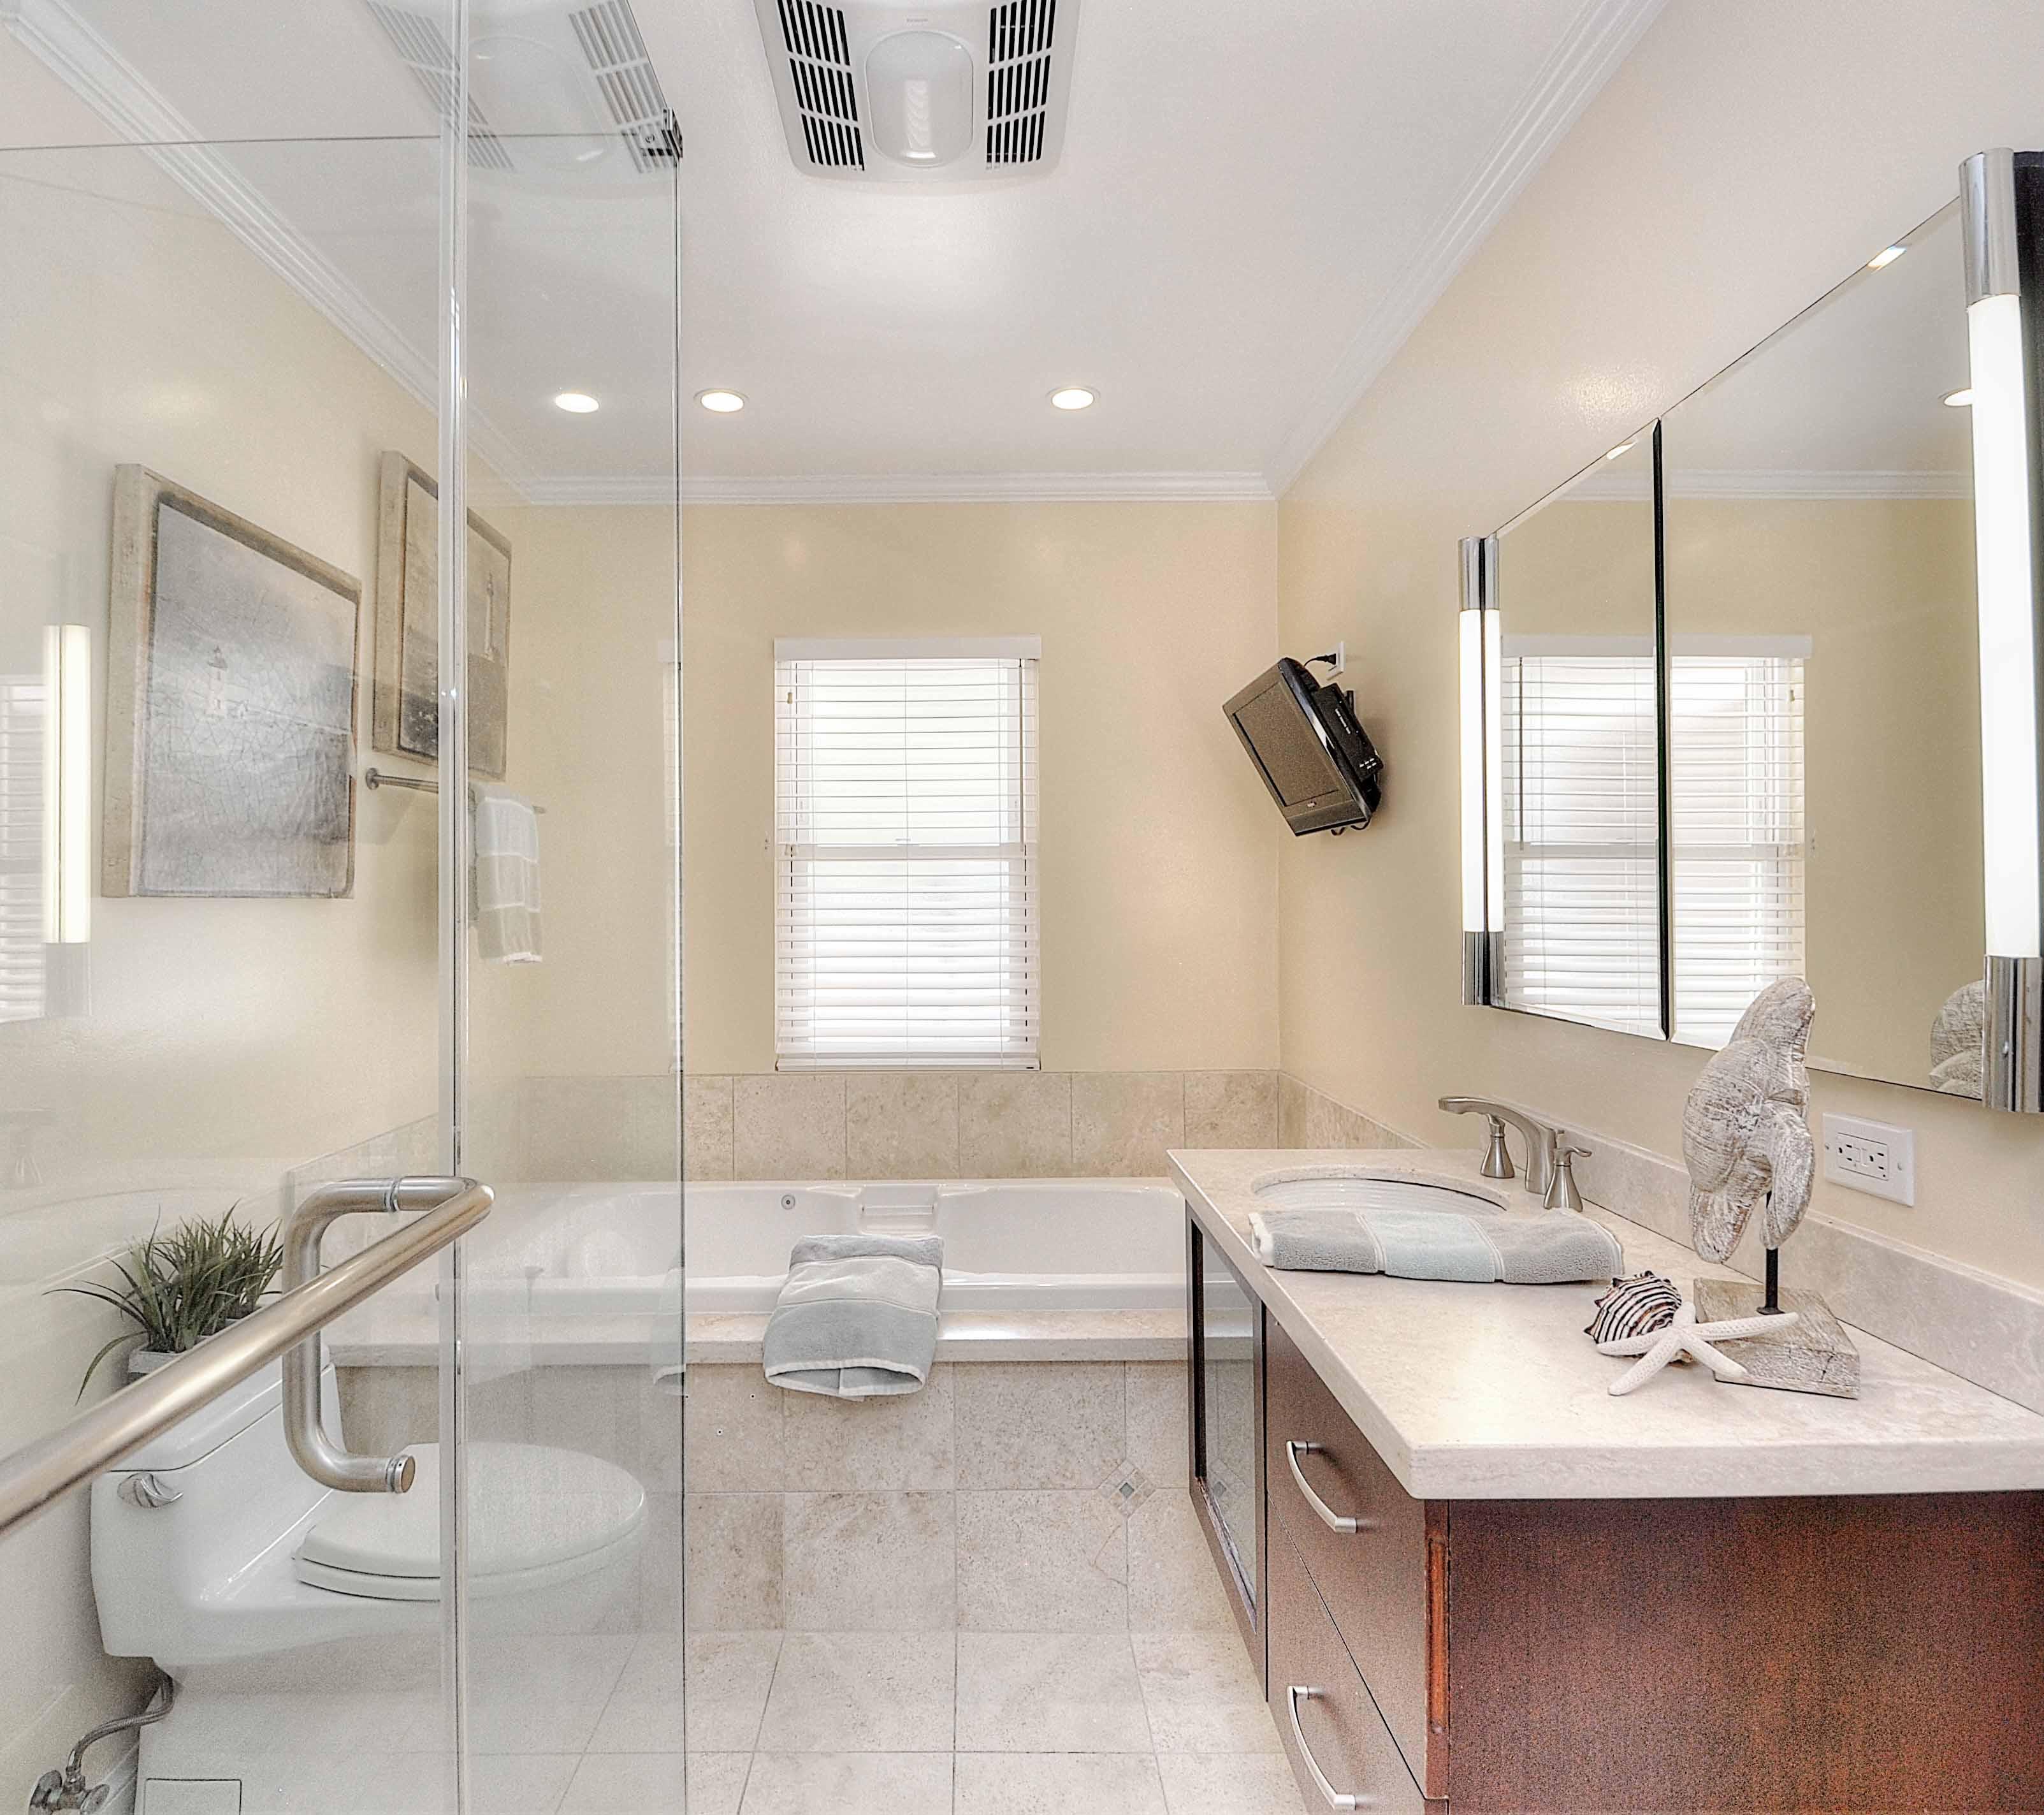 4515-Vista-Largo-hallway-bathroom-Copy